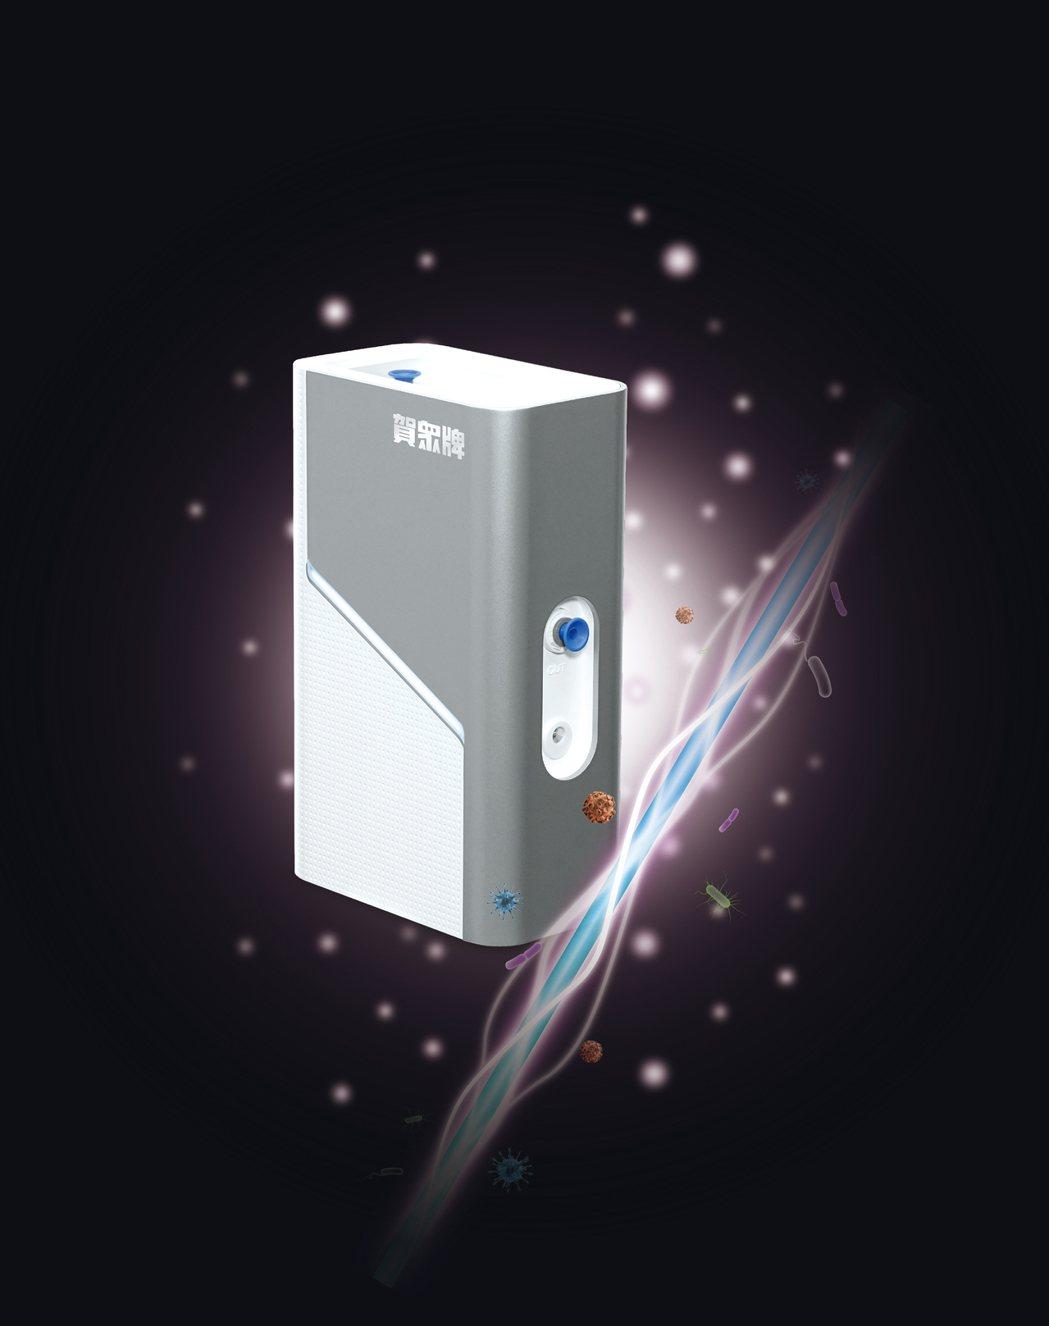 賀眾牌推出UVCLED極效殺菌模組UV-2200JS,訴求「低耗能殺菌.效能不衰...